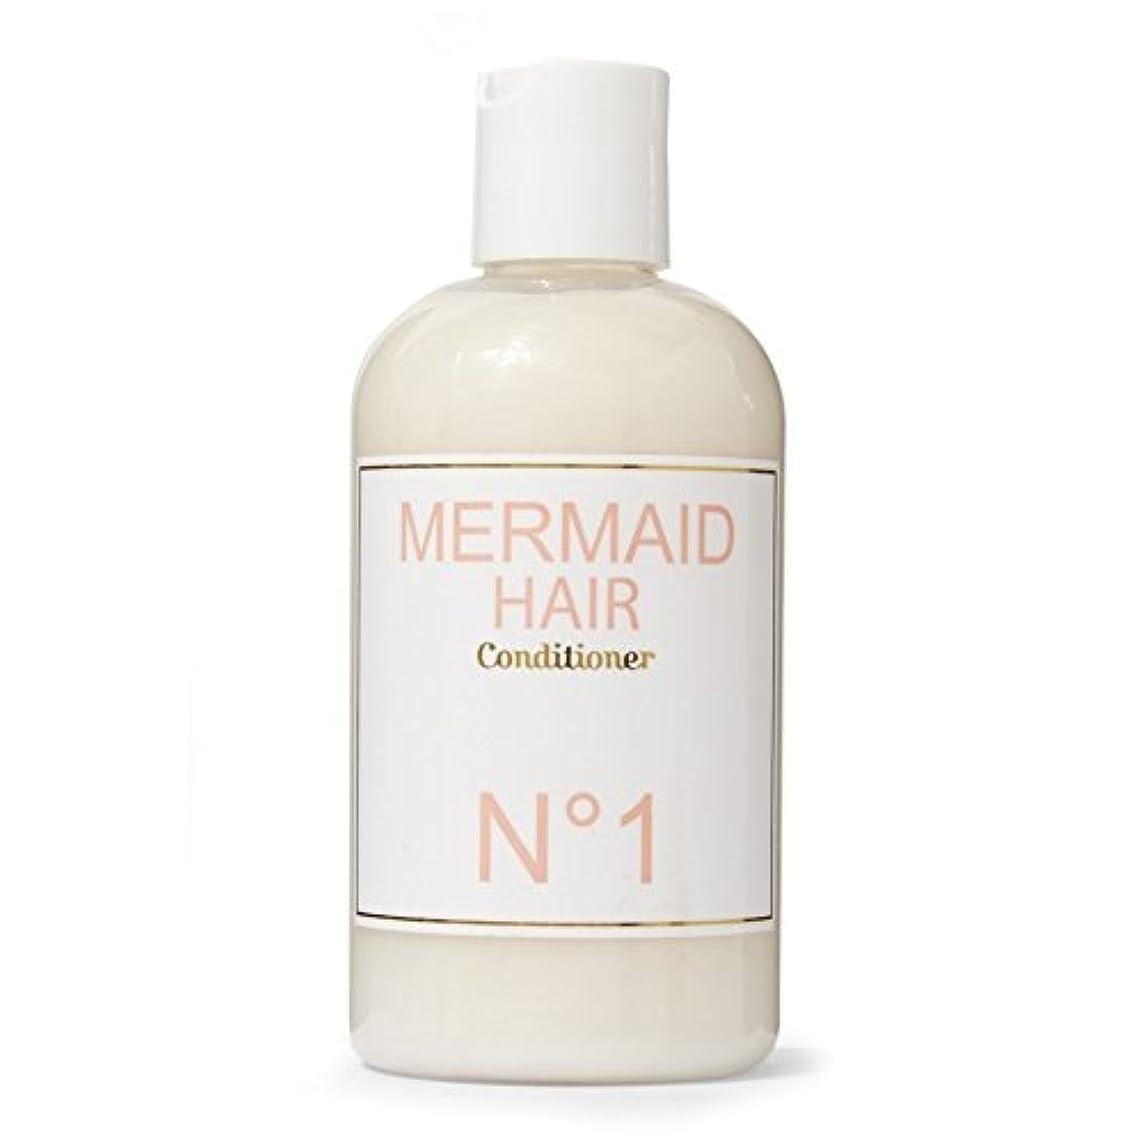 助けて劣る変更可能Mermaid Perfume Mermaid Conditioner 300ml - 人魚香水人魚コンディショナー300ミリリットル [並行輸入品]